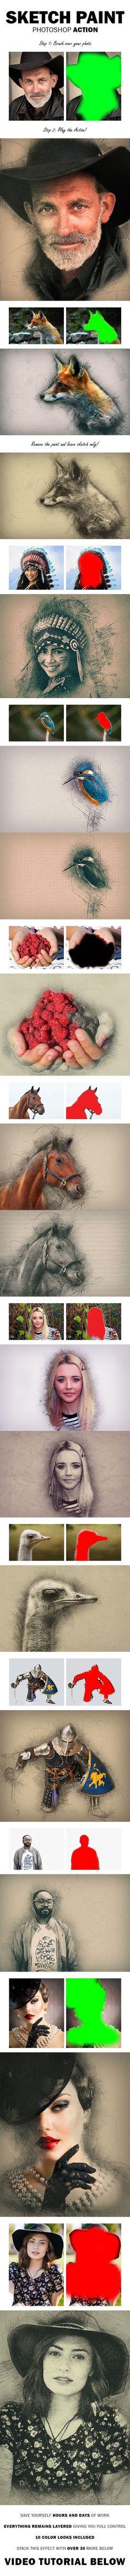 sketch paint photoshop action photo effects actions inspirierende zeichnung photoshop ideen bildbearbeitung